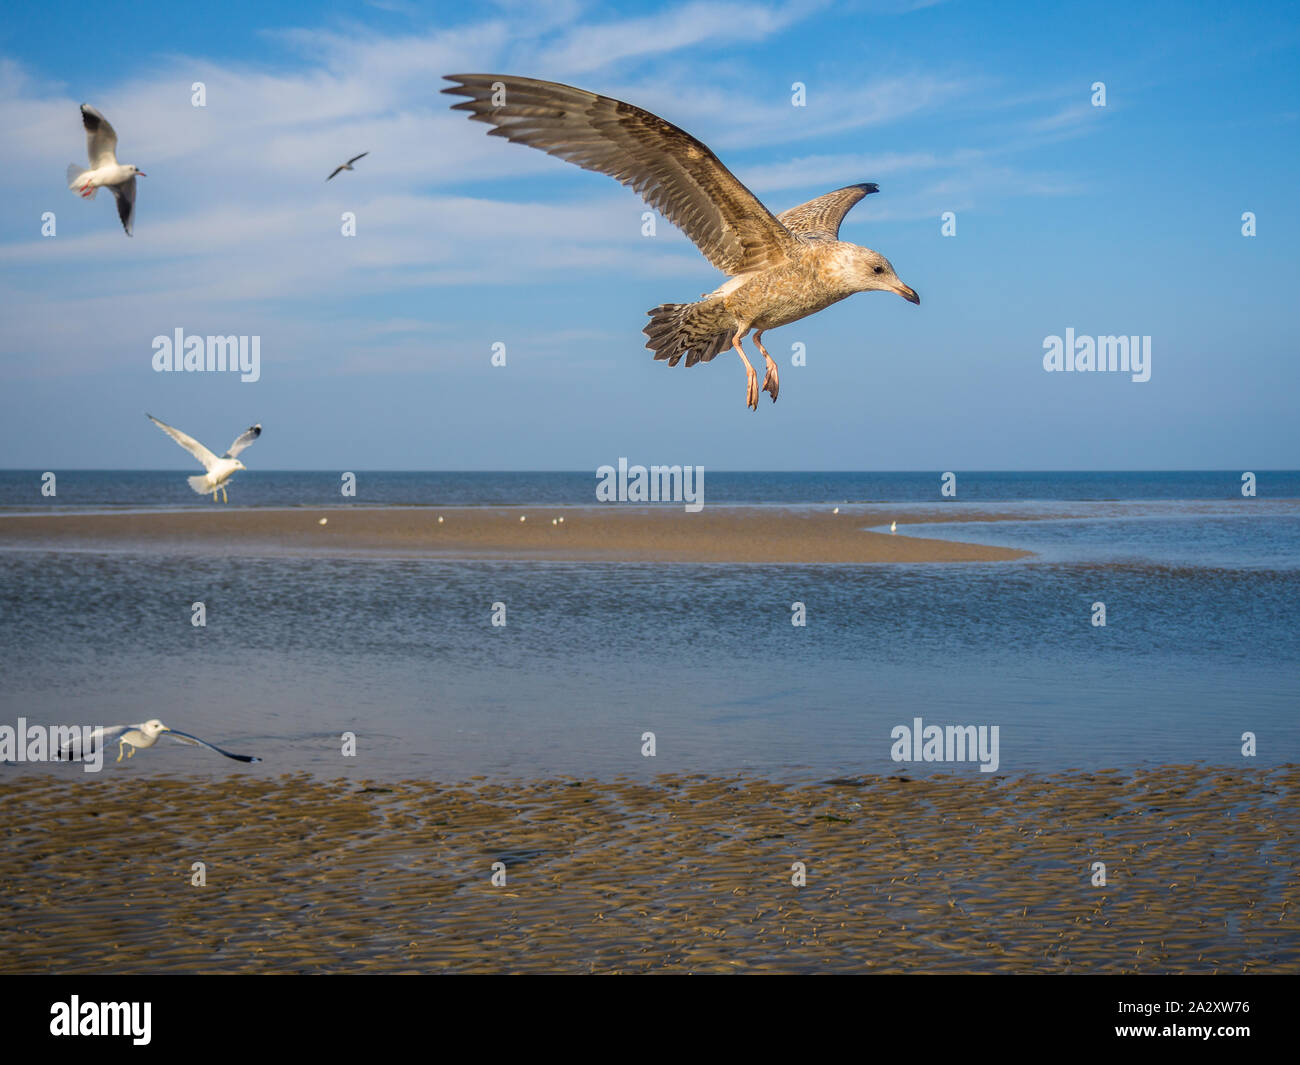 Seagull goéland argenté s'approchant de la glace Banque D'Images